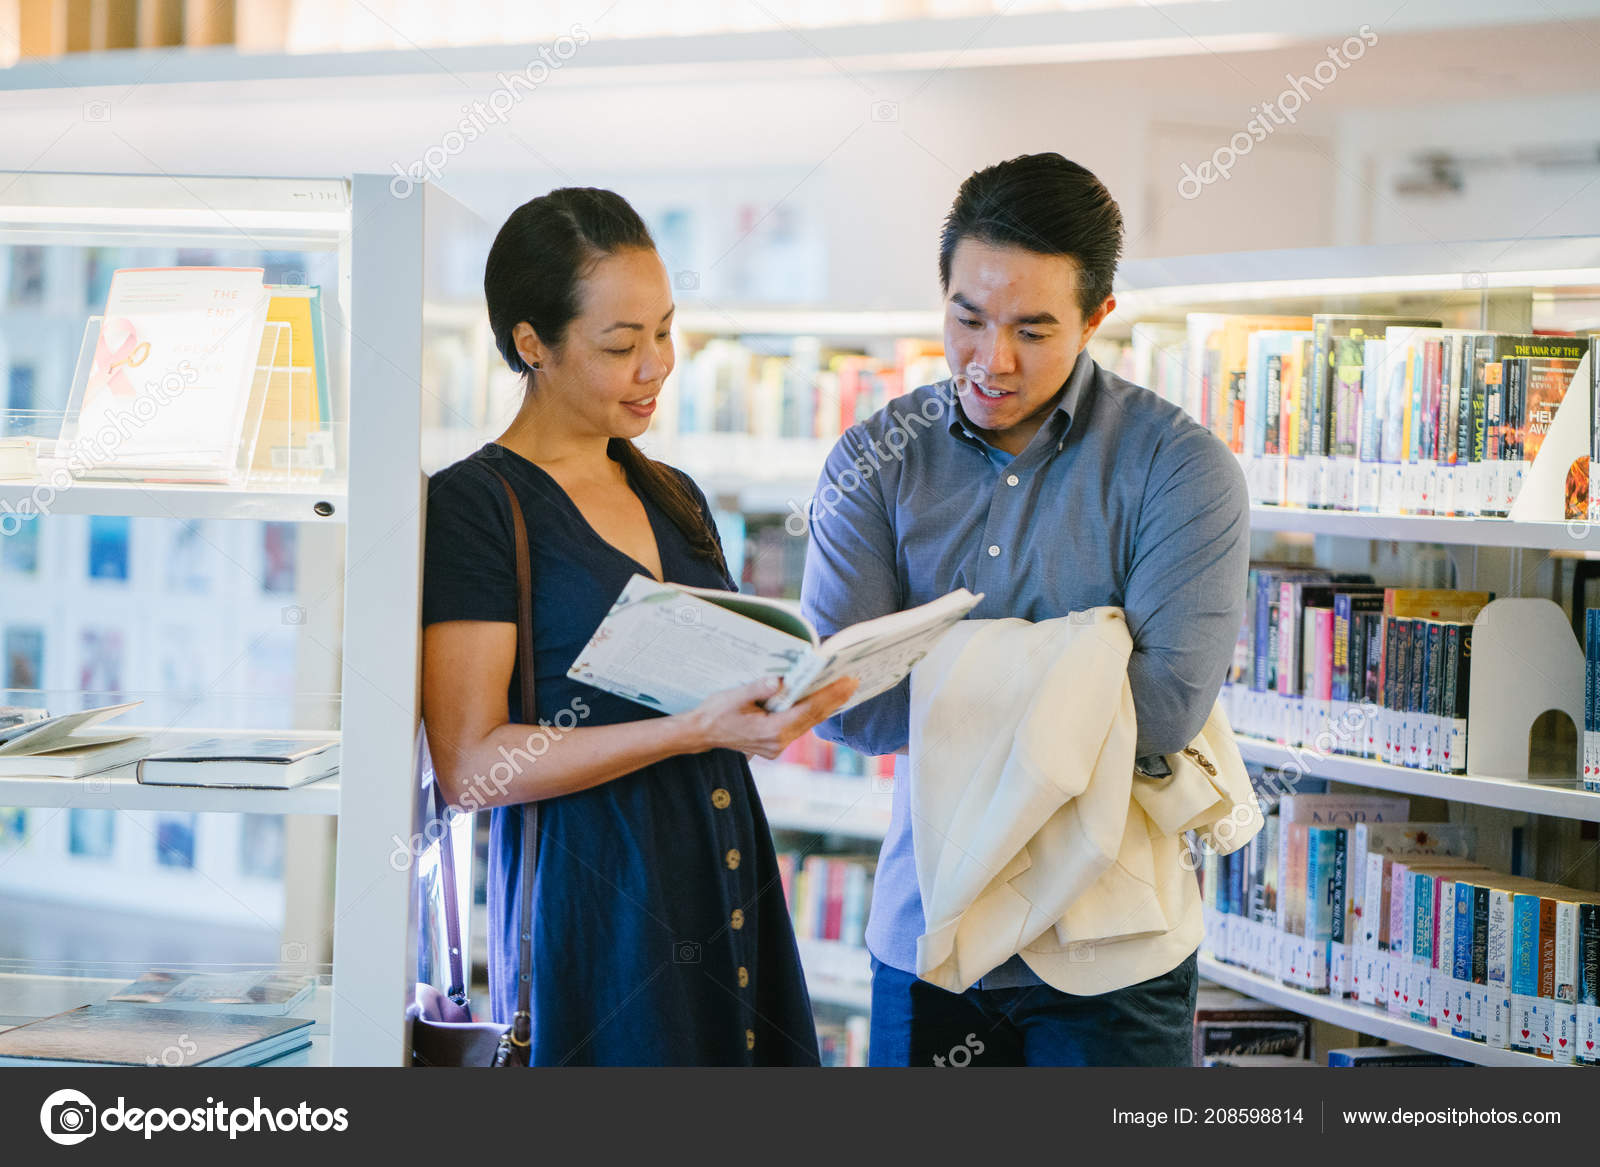 ραντεβού λεξικό τοποθεσίας